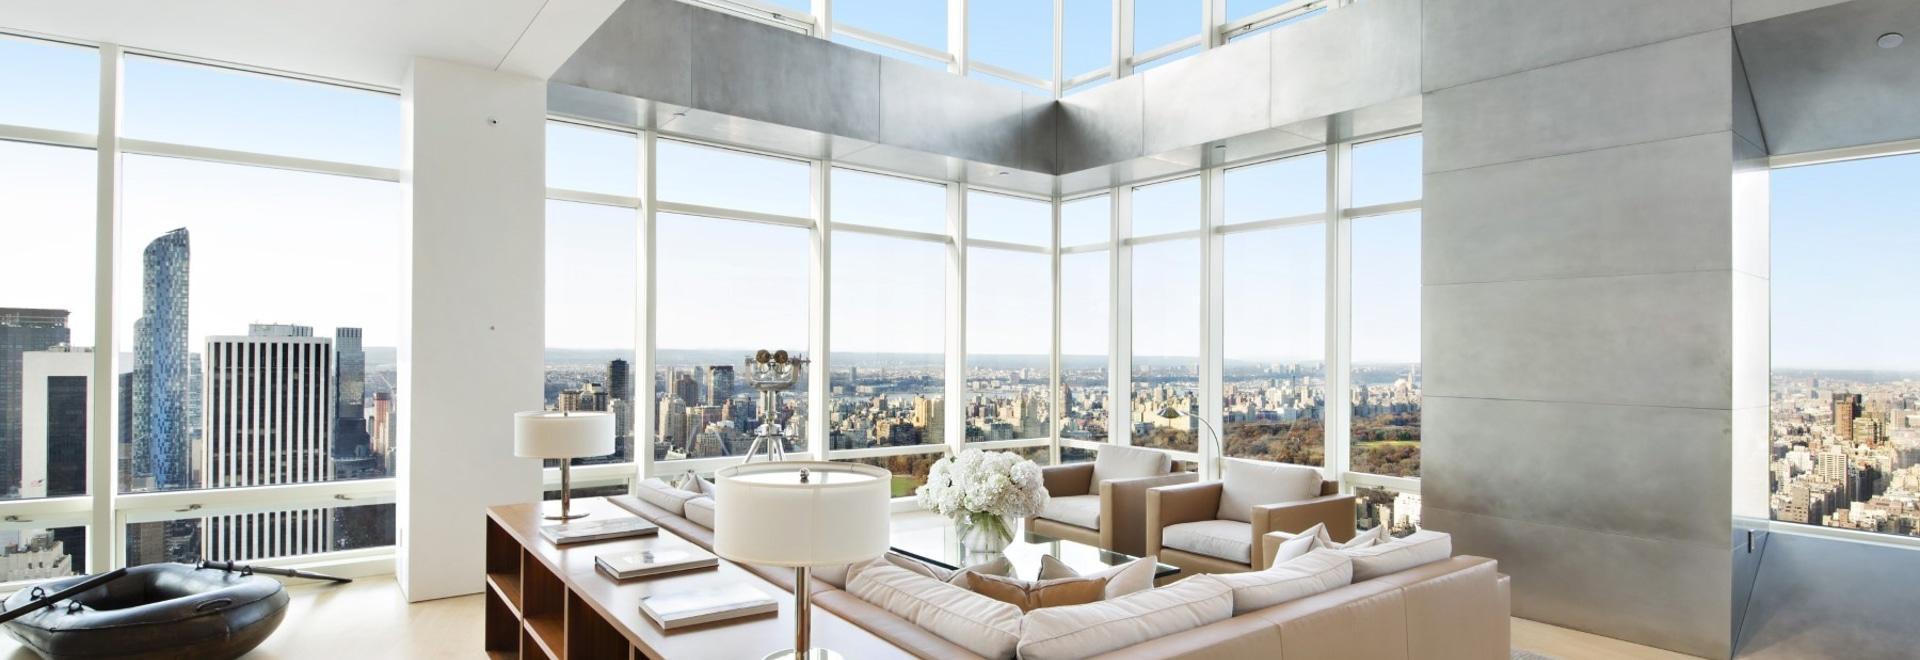 Superior Luxurious U0026 Inspiring Penthouses